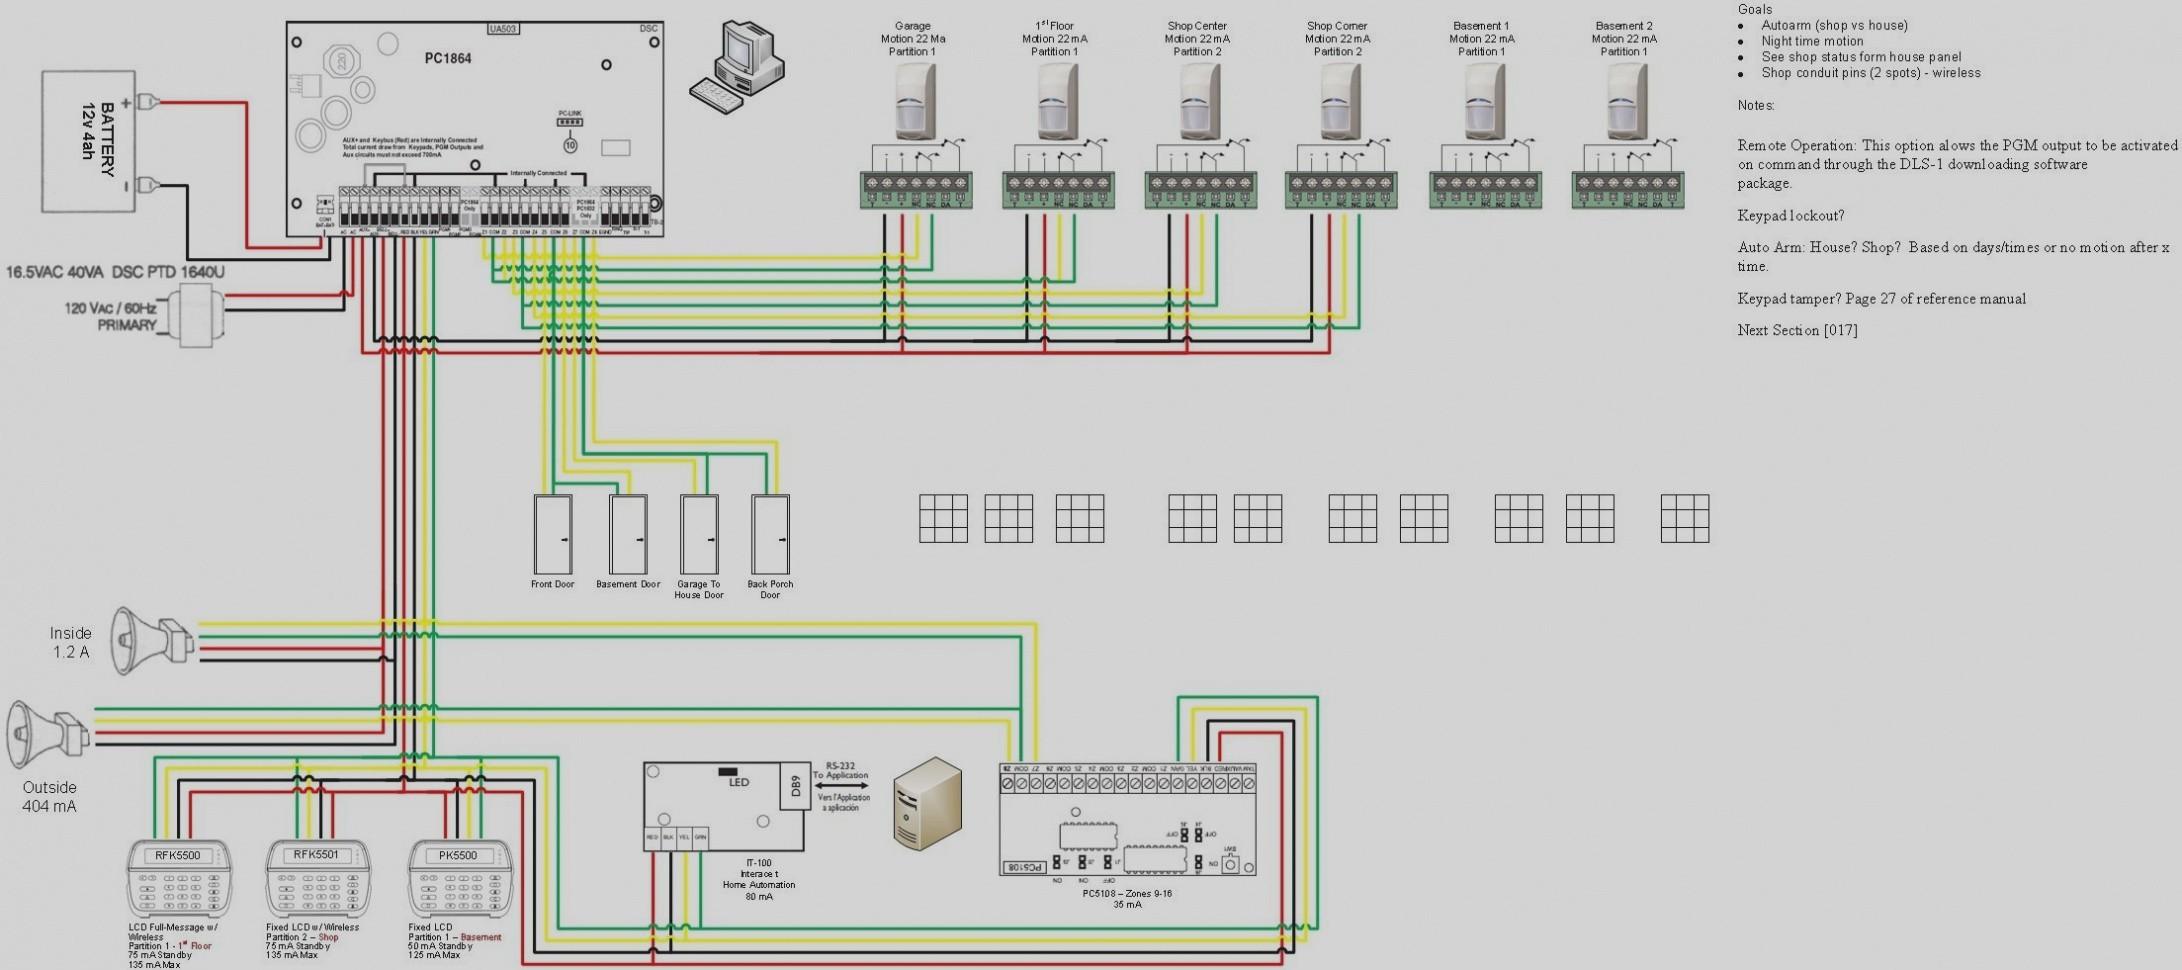 Car Alarm Installation Wiring Diagram Wiring Diagram for Home Alarm System Save Alarm System Wiring Of Car Alarm Installation Wiring Diagram